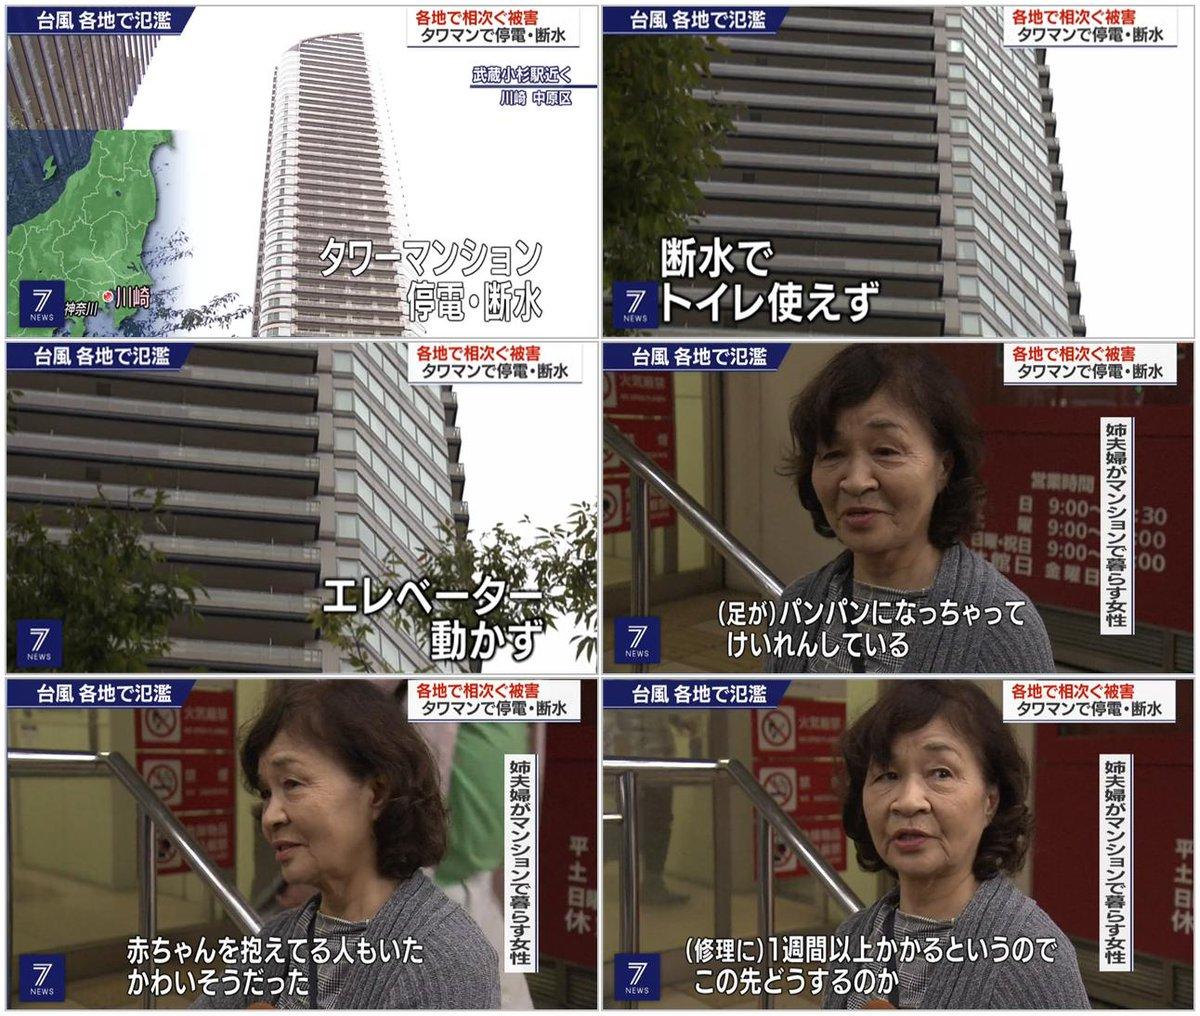 武蔵 小杉 タワー マンション 停電 どこ